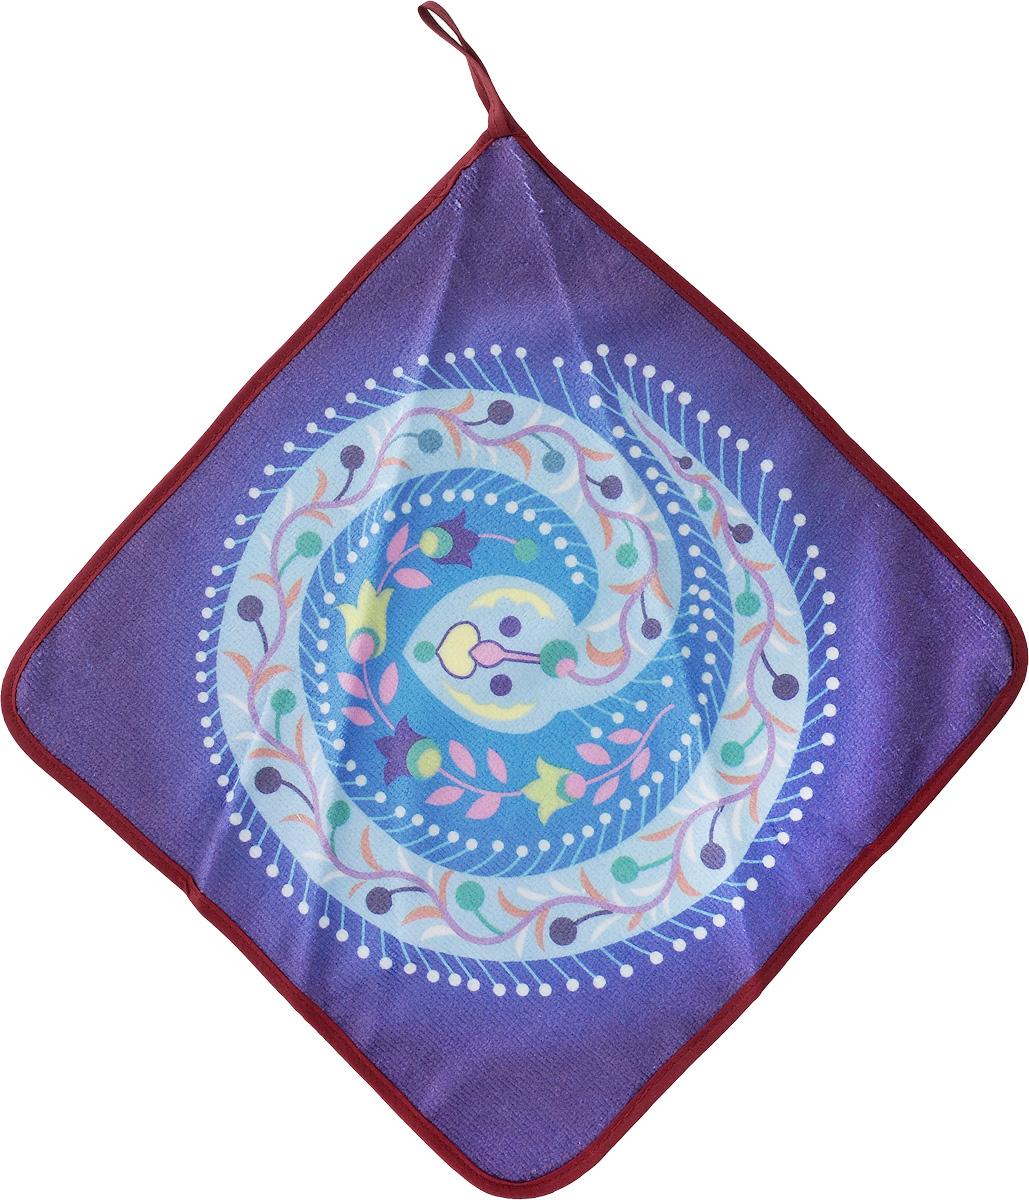 Салфетка кухонная Soavita, из микрофибры, цвет: фиолетовый, 30 х 30 см. 8756687566_фиолетовыйСалфетка Soavita выполнена из микрофибры. Идеально подходит для сухой и влажной чистки. Полностью удаляет воду, не оставляя следа. В сухом виде подходит для деликатных поверхностей: стекол, зеркал, оптики, мониторов, мебели, бытовой техники и многого другого. Во влажном виде незаменима на кухне, в ванной, в уходе за автомобилем. Изделие оснащено петелькой для подвешивания на крючок. Перед использованием постирать при температуре не выше +40°С.